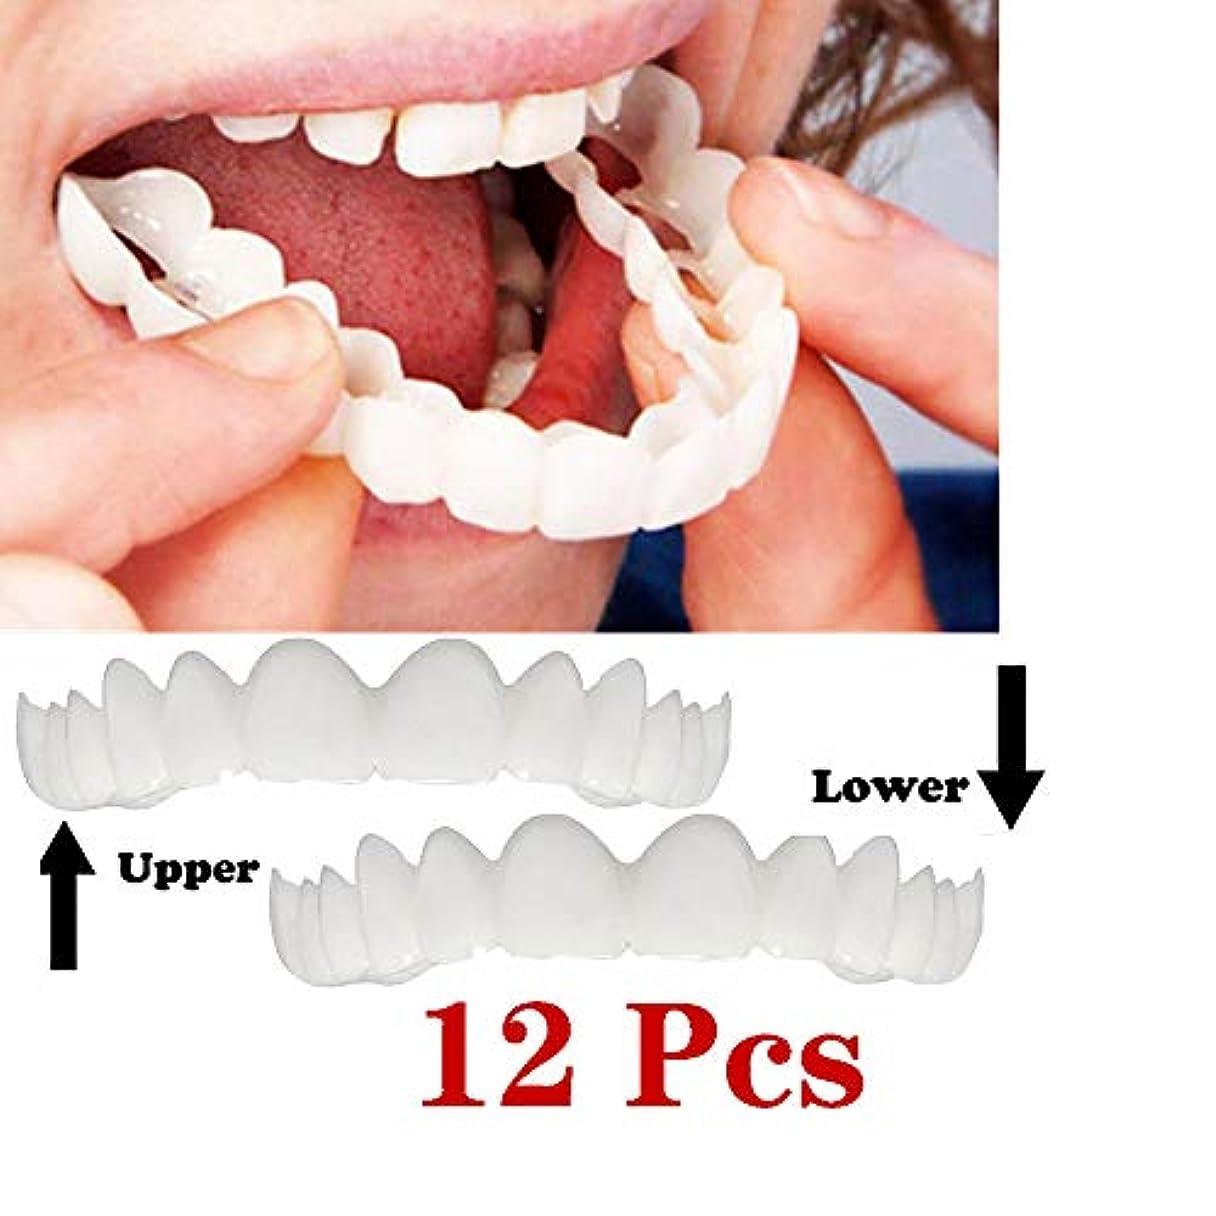 マイクロプロセッサオーバーヘッドアーサーコナンドイル快適な化粧品歯柔軟な義歯一時的な笑顔悪い歯黄色い歯黒い歯ホワイトニング義歯ケアブレース - 6セット(下+上)